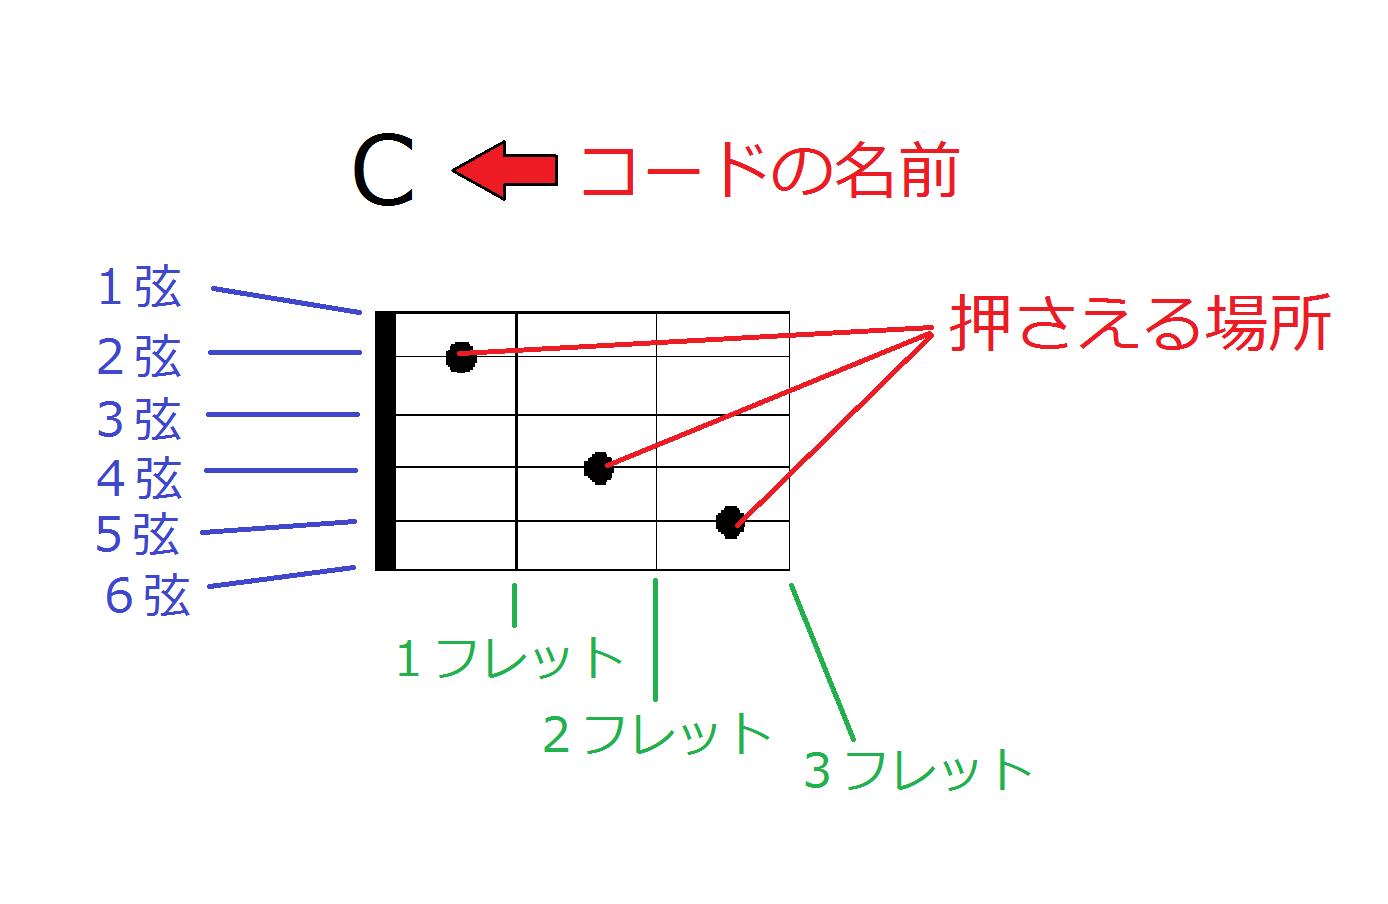 コードダイアグラムの見方